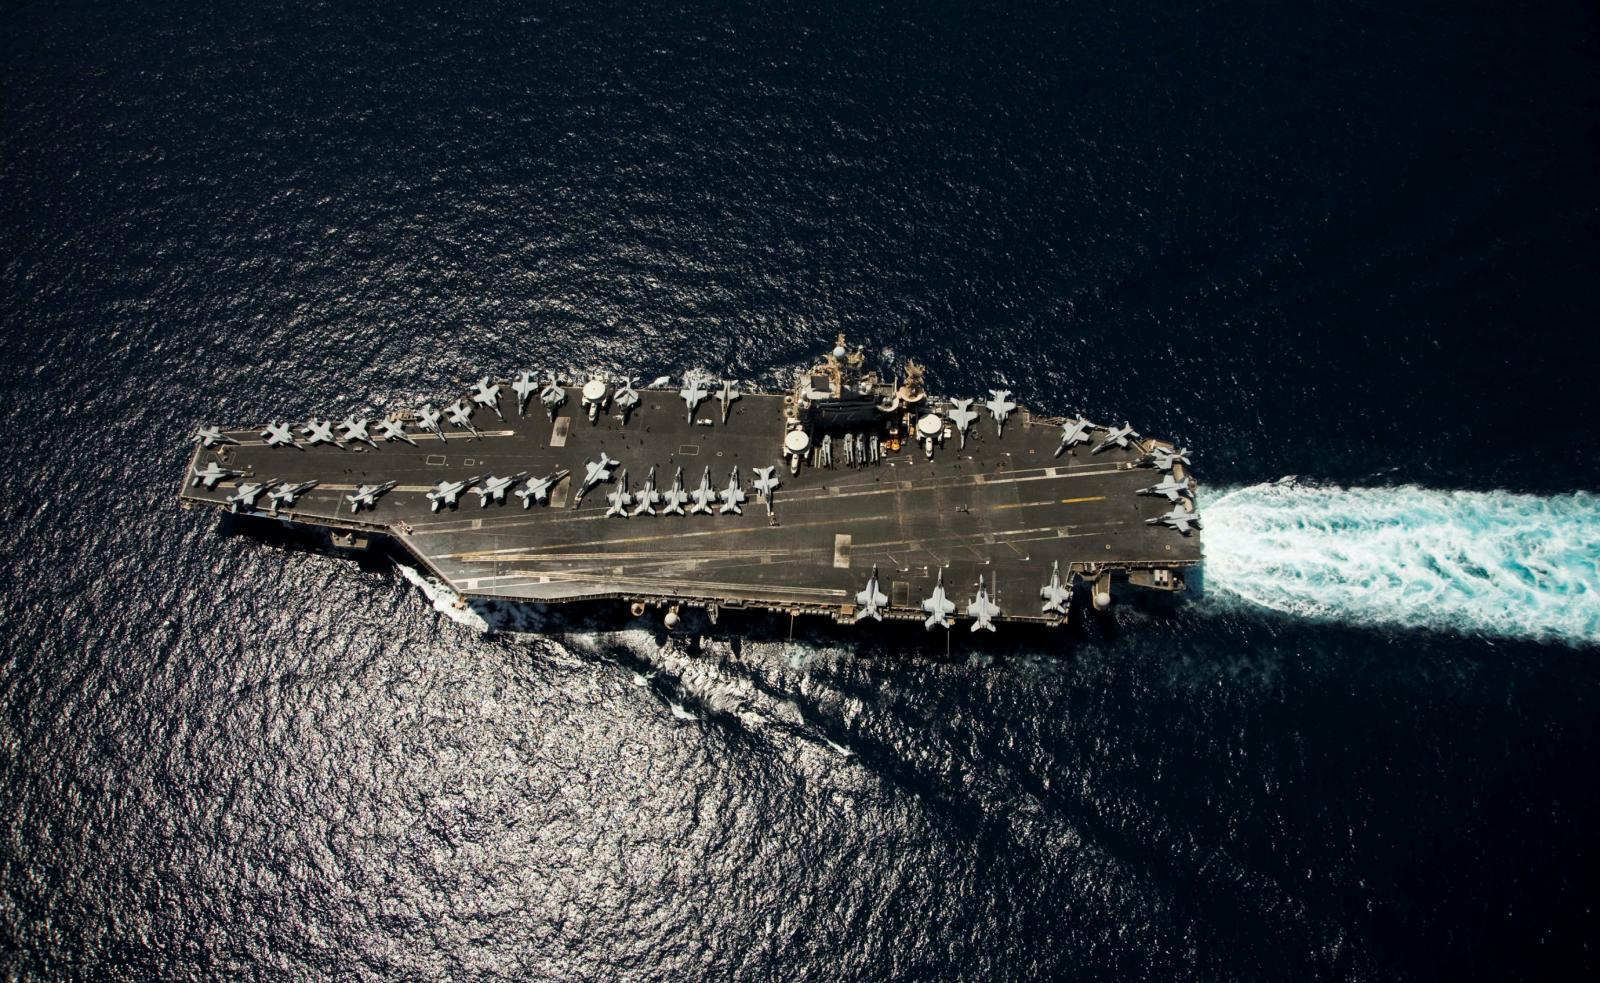 สหรัฐฯส่งเรือบรรทุกเครื่องบินใกล้น่านน้ำอิหร่าน